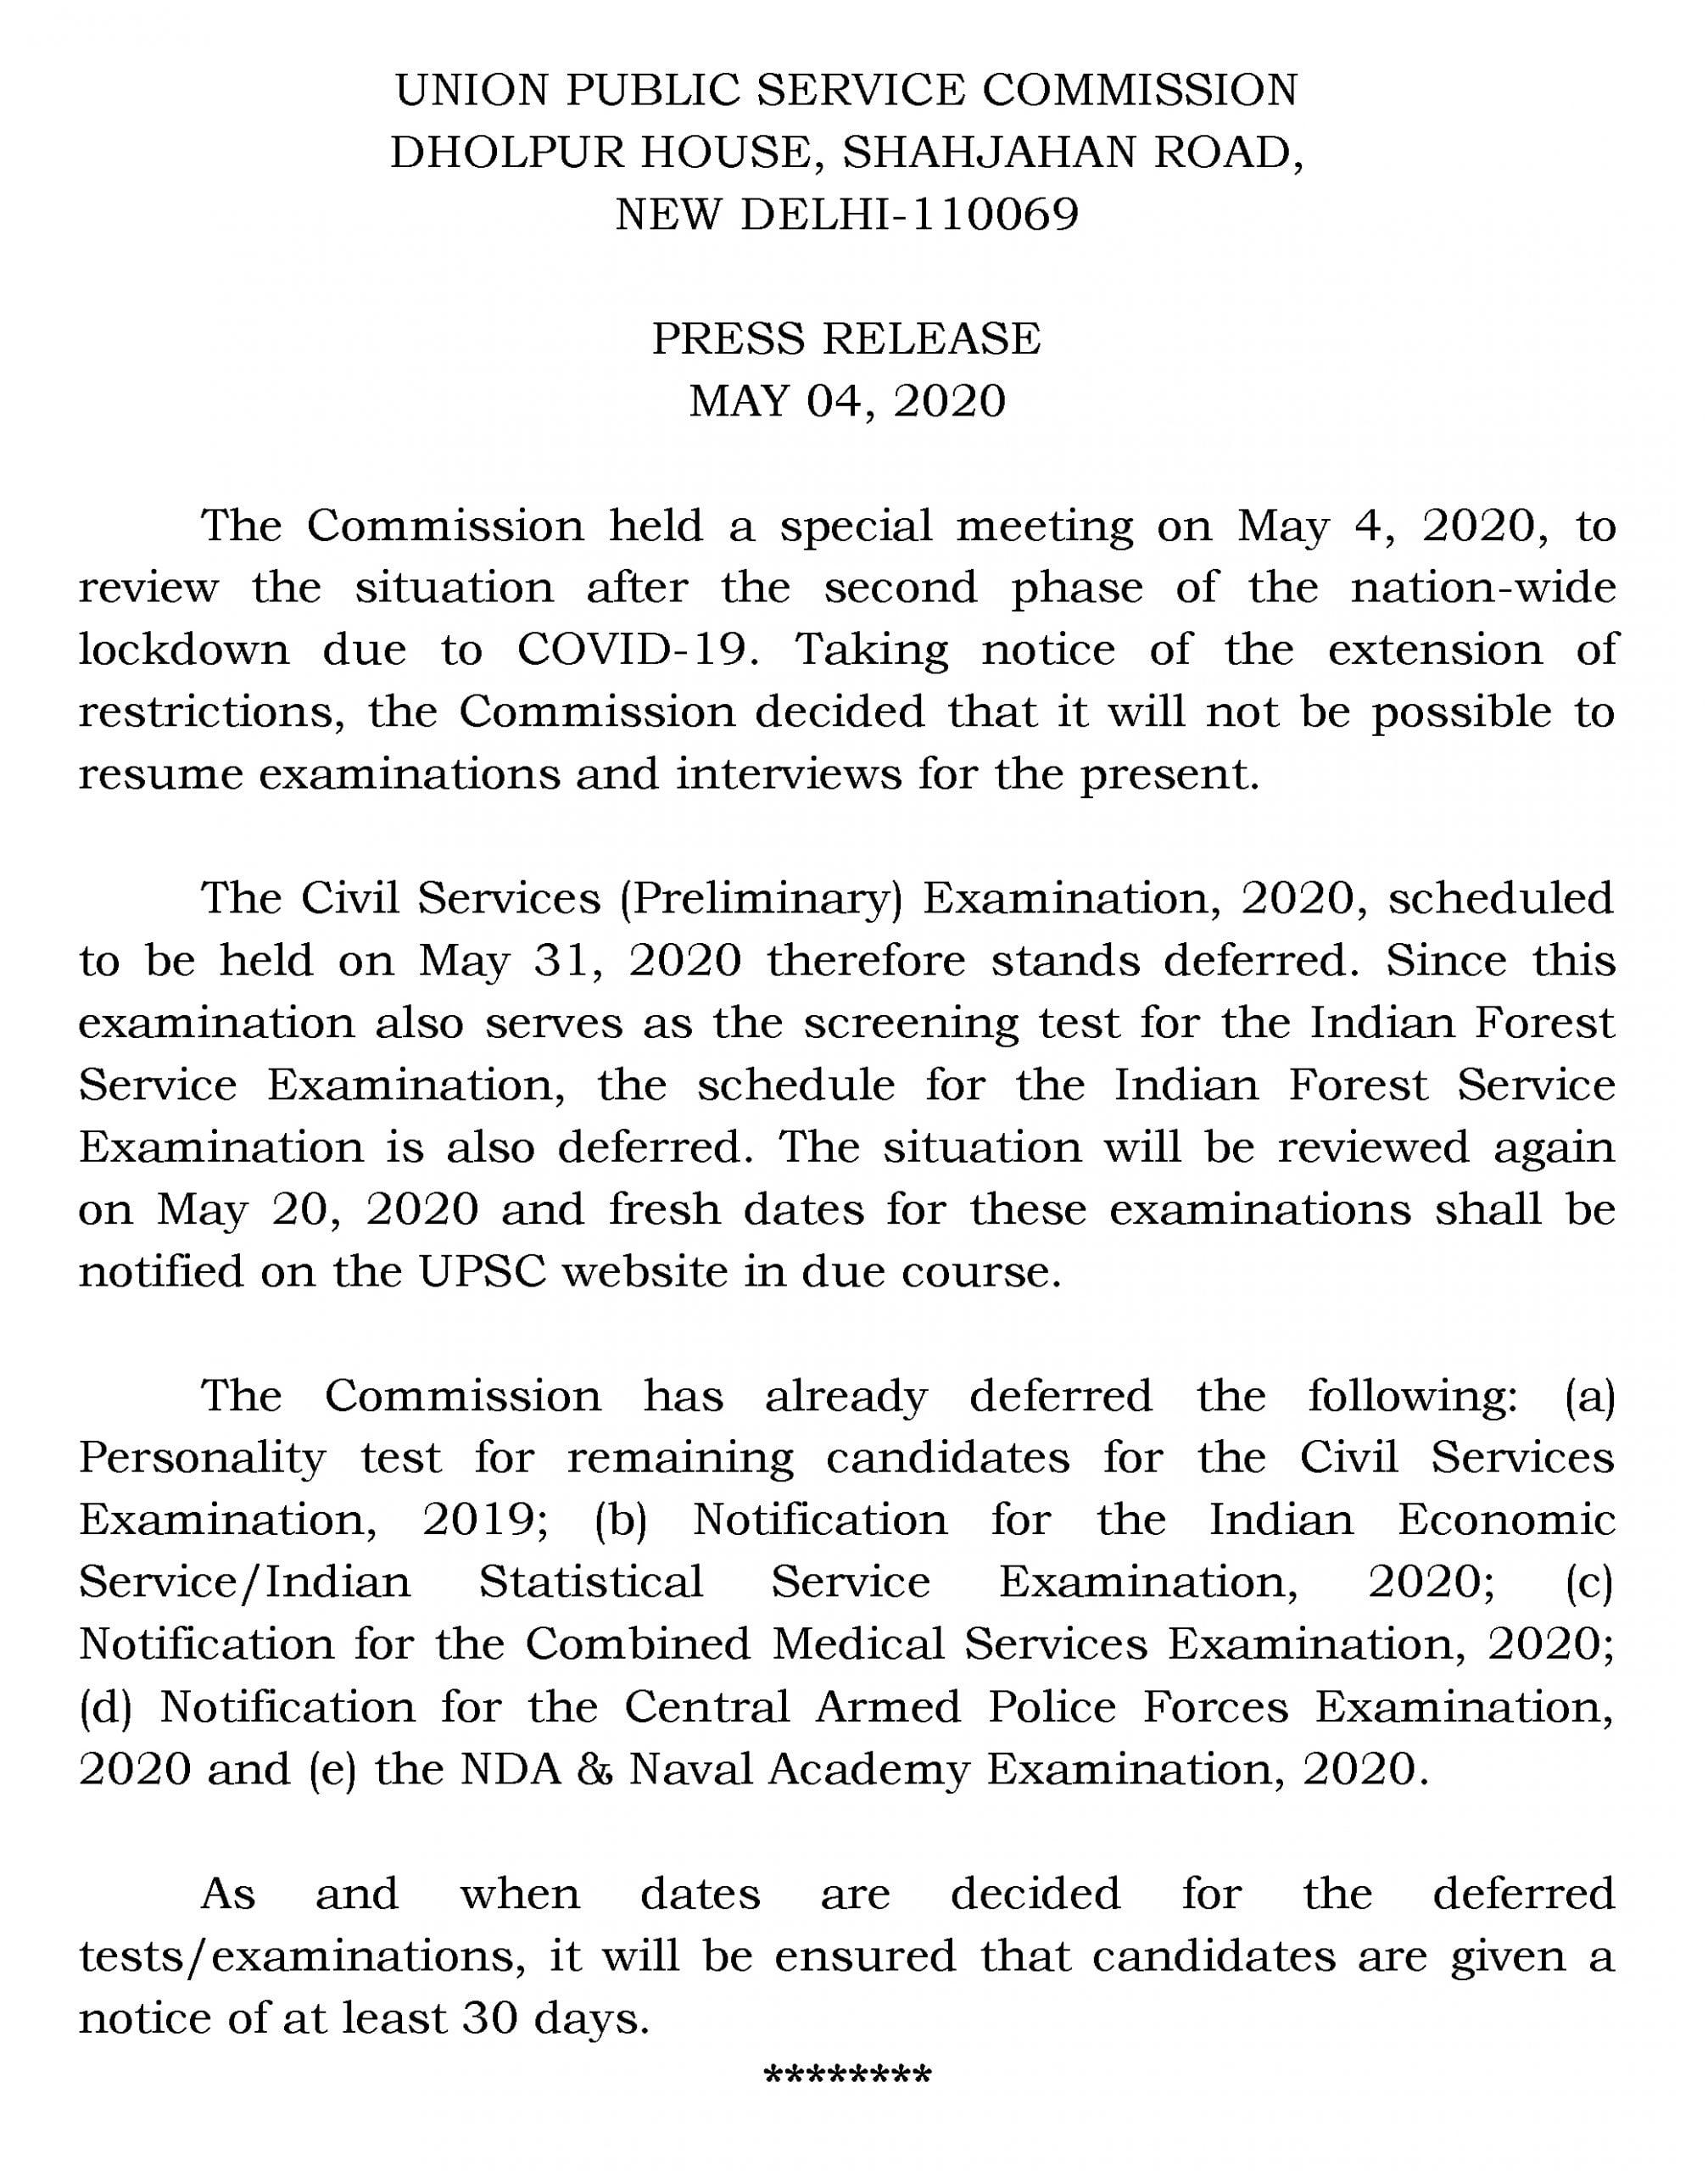 UPSC Prelims 2020 Exam Dates Postponed